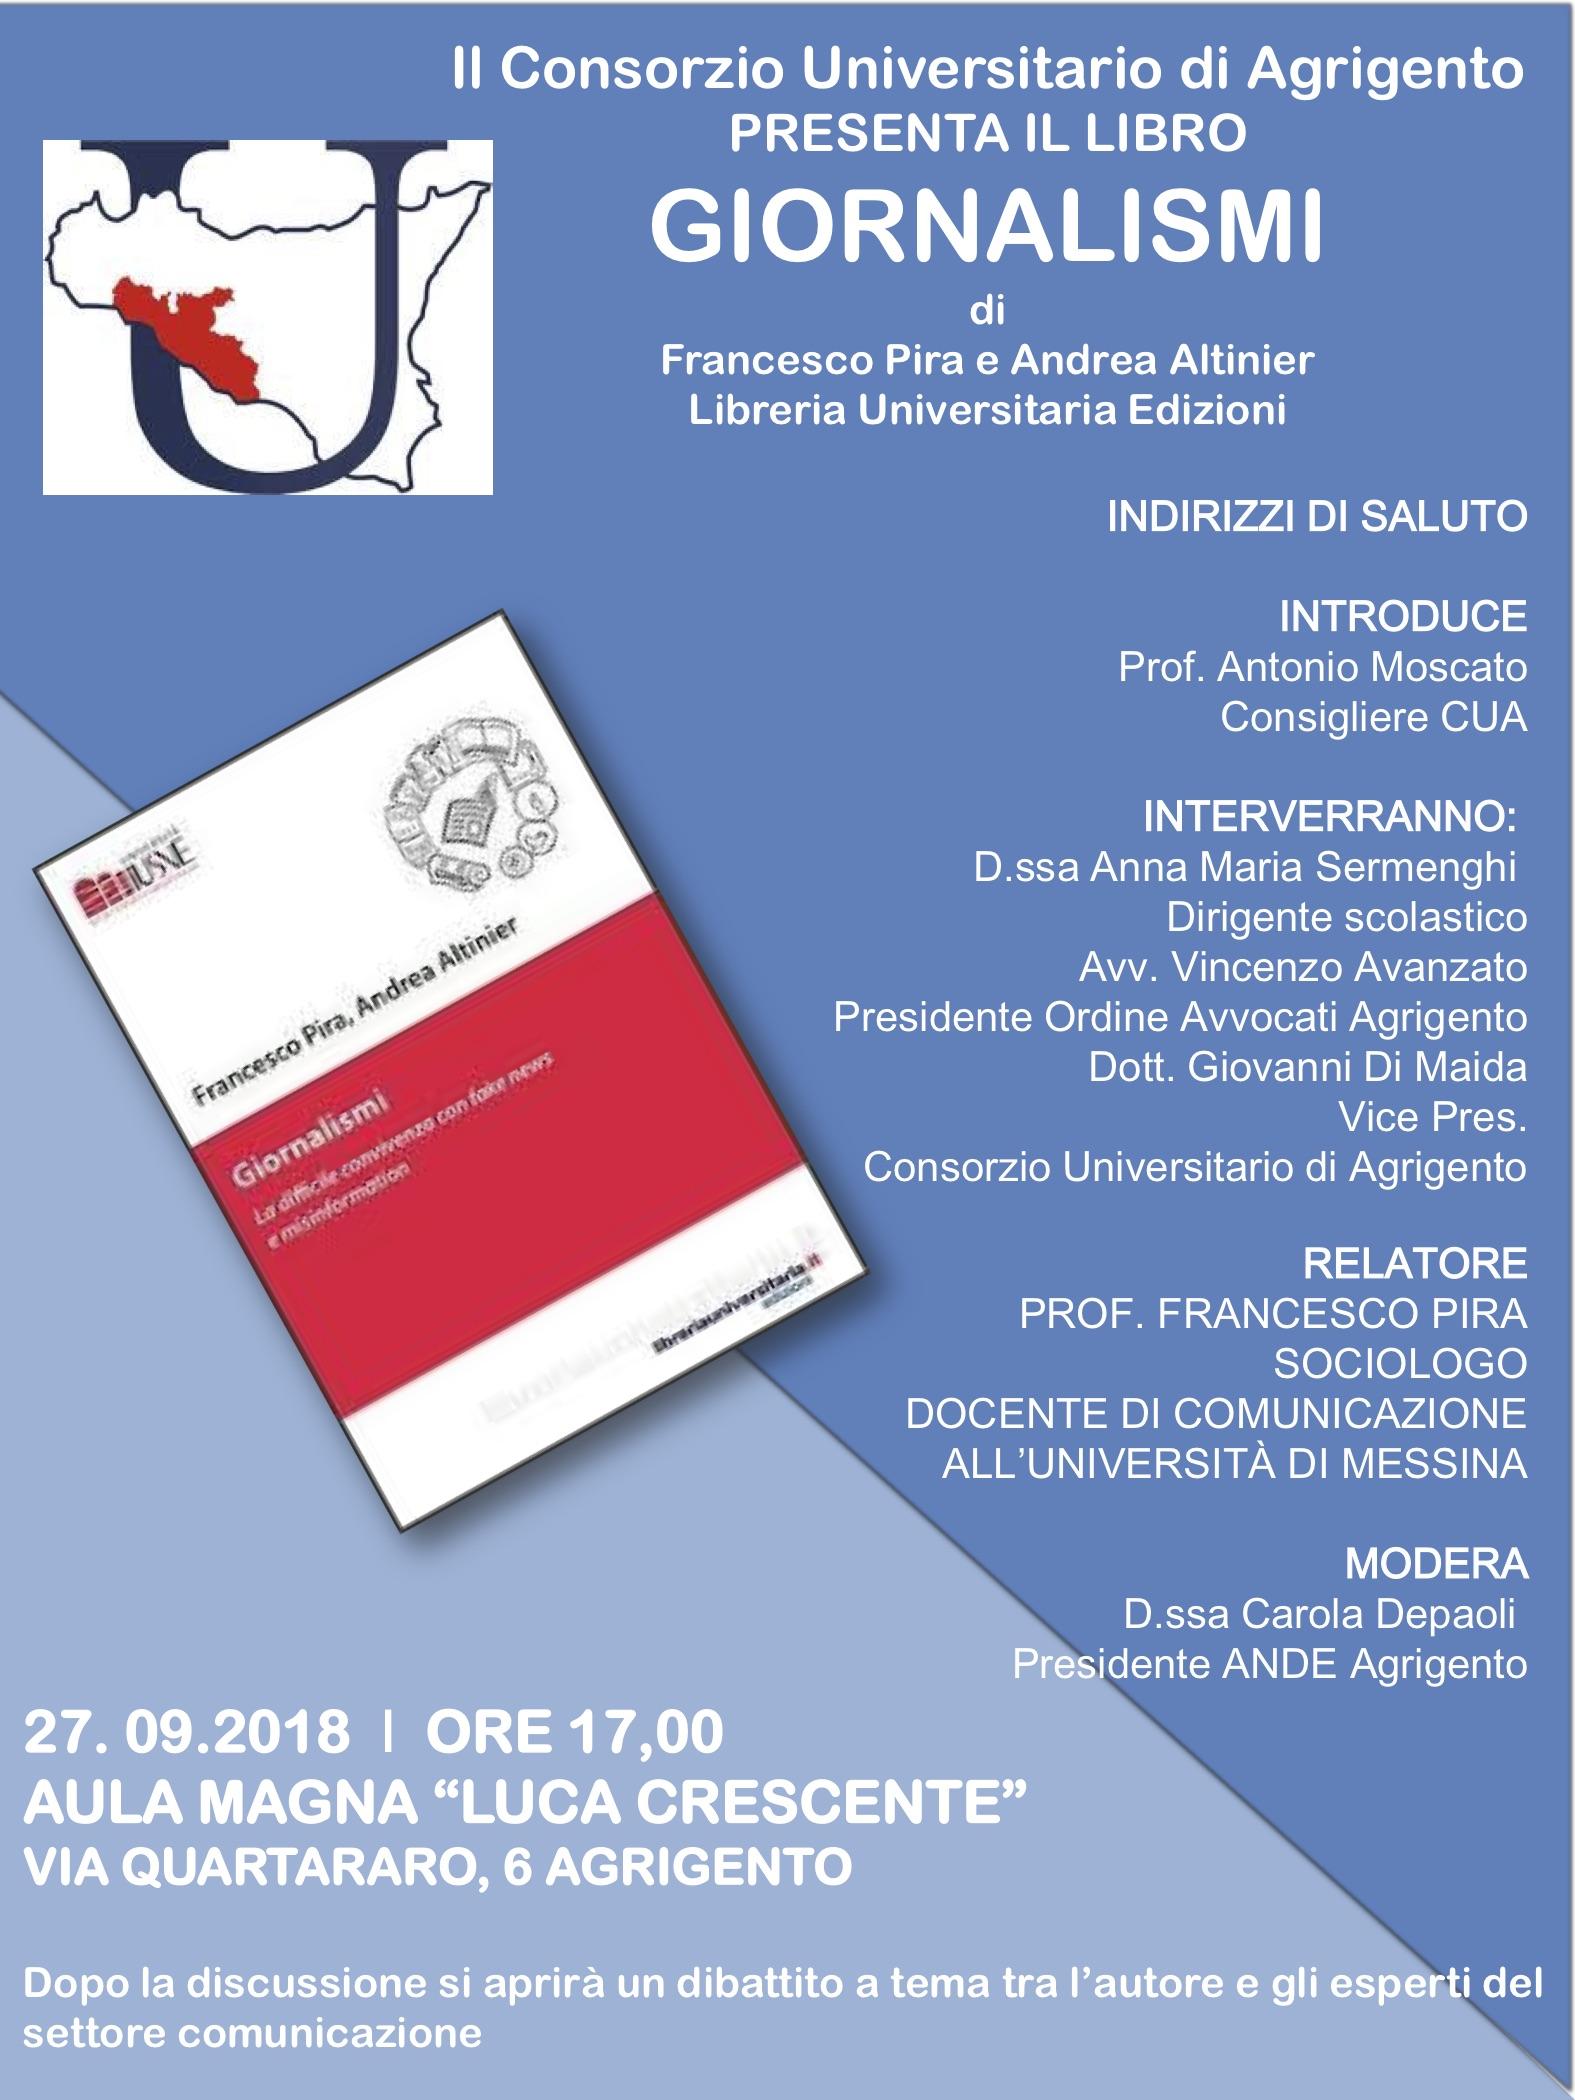 """Agrigento, al Consorzio Universitario si presenta il libro """"Giornalismi"""" di Pira e Altinier"""